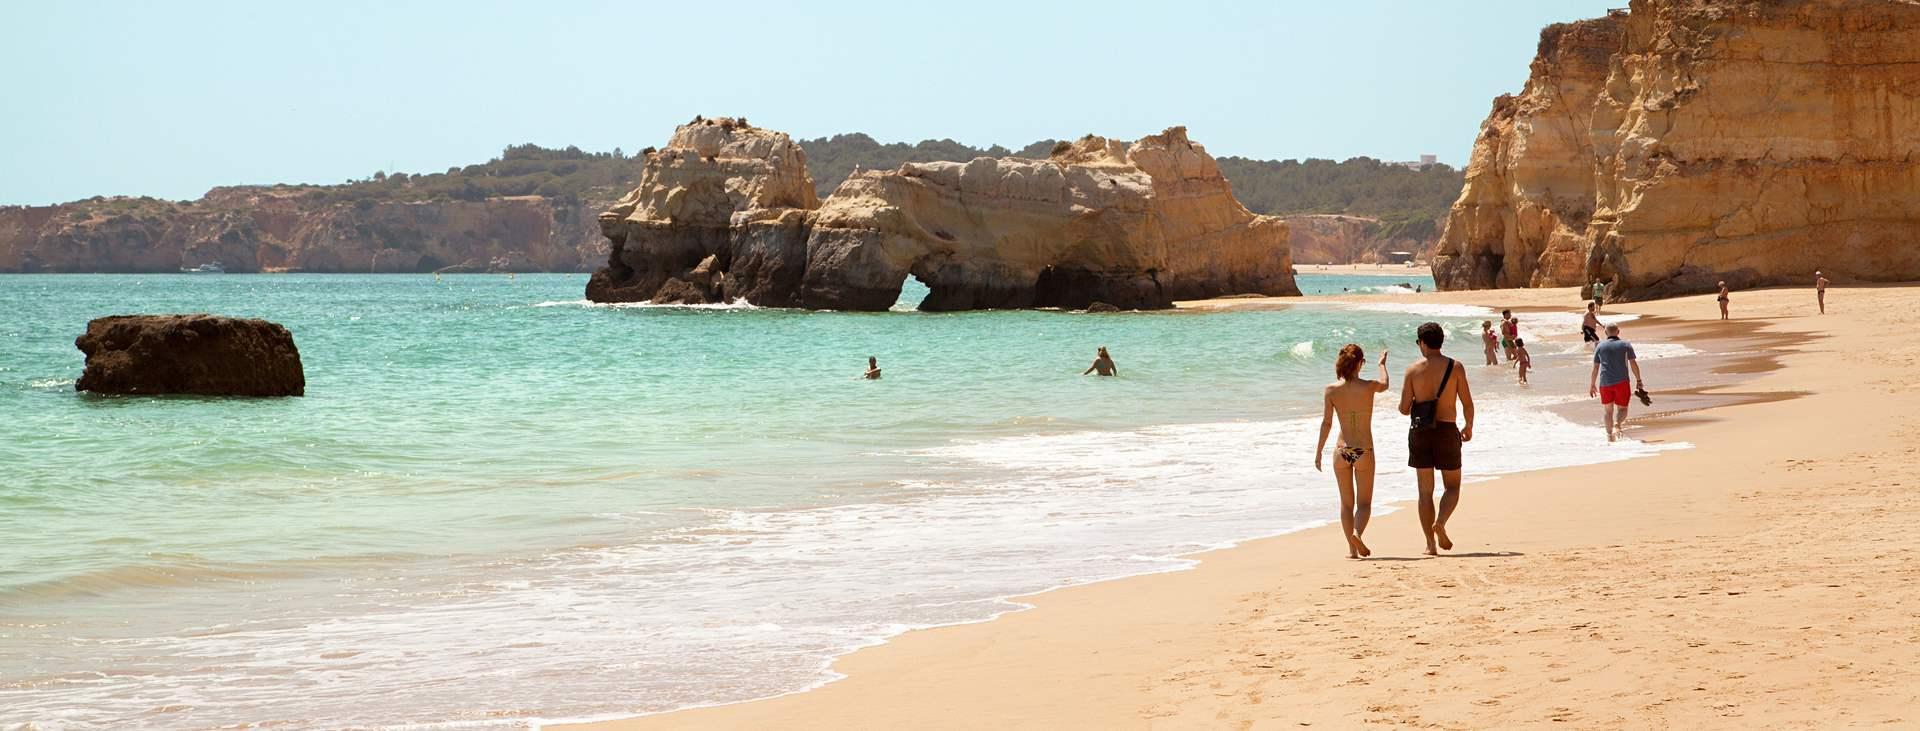 Reiser til Praia da Rocha i Portugal